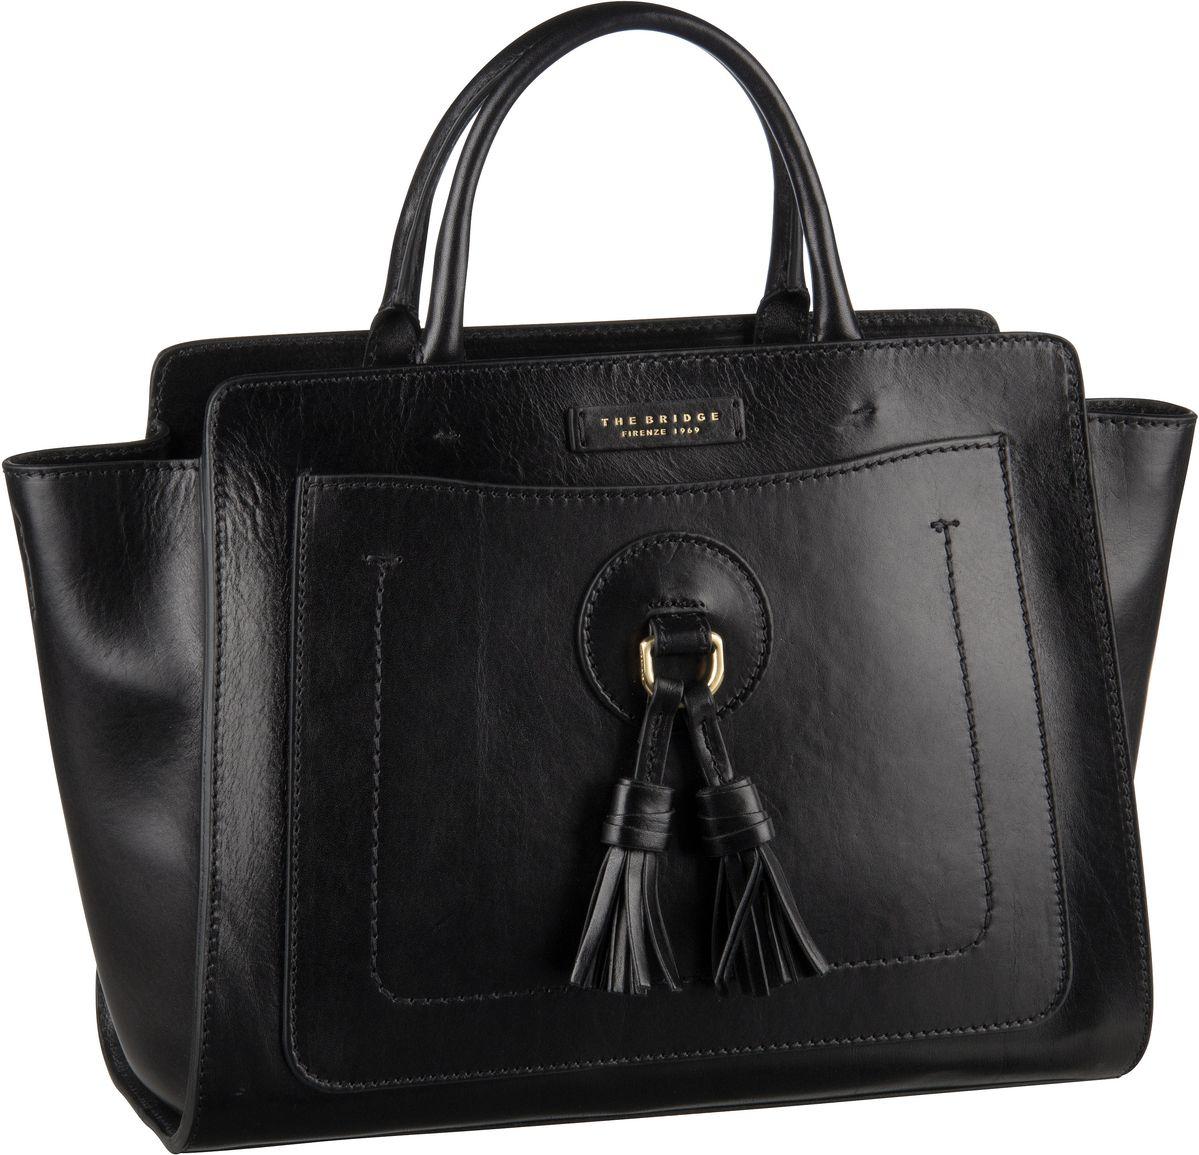 Handtasche Santacroce Handtasche 3318 Nero/Oro